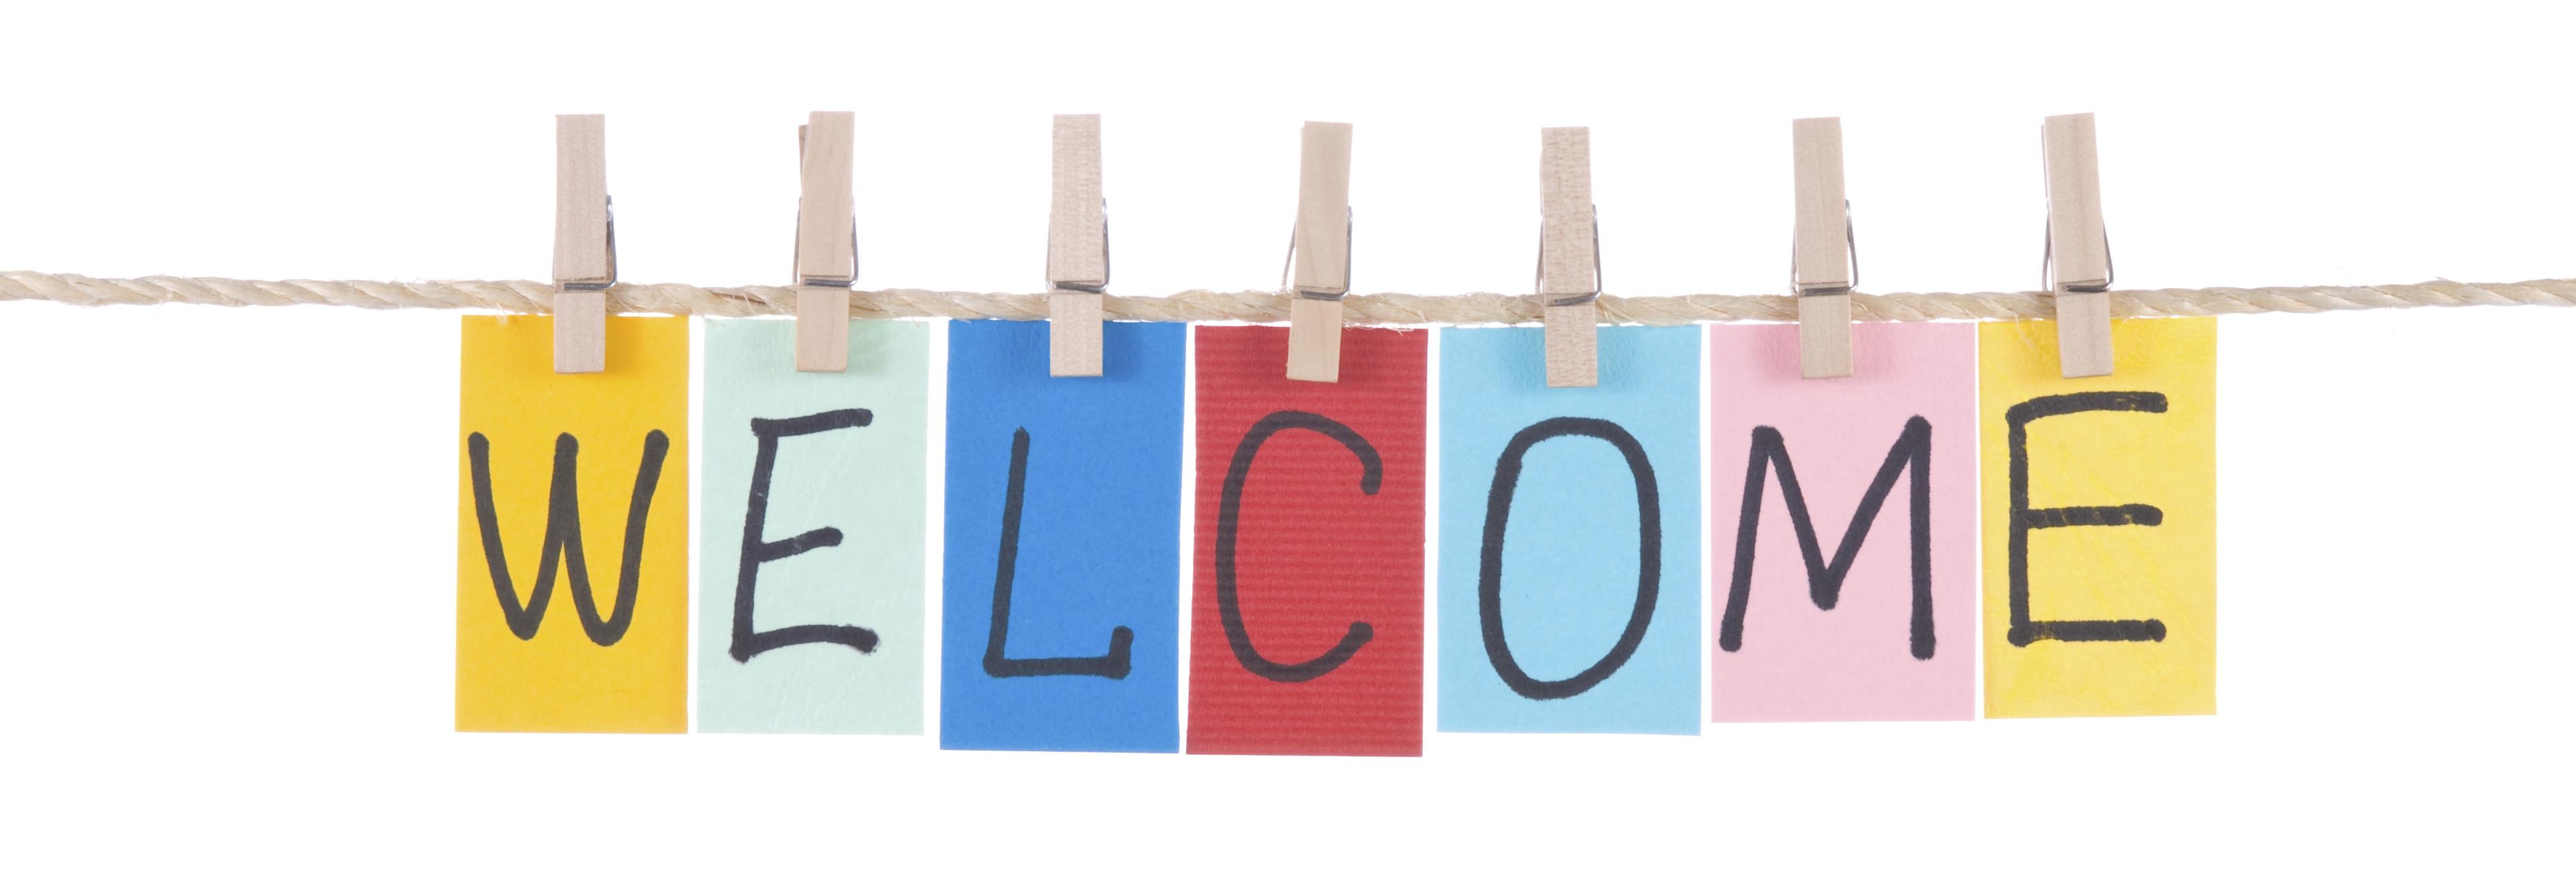 Slide welcome hình ảnh chào mừng cực đẹp